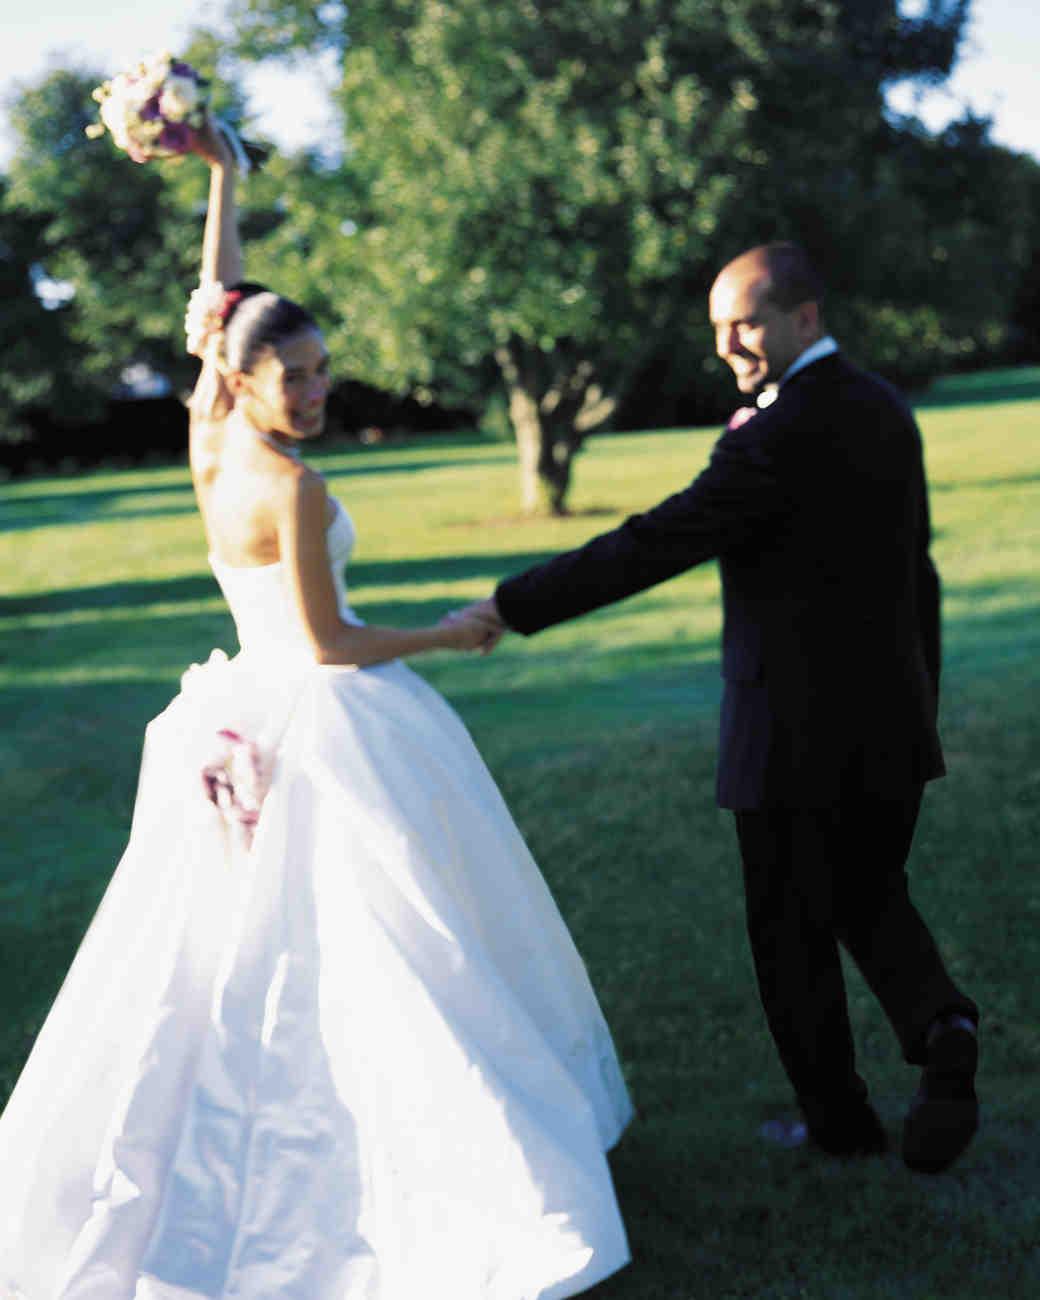 martha-bride-registry-athena-victor-calderone-wedding-photo-sp00-0515.jpg